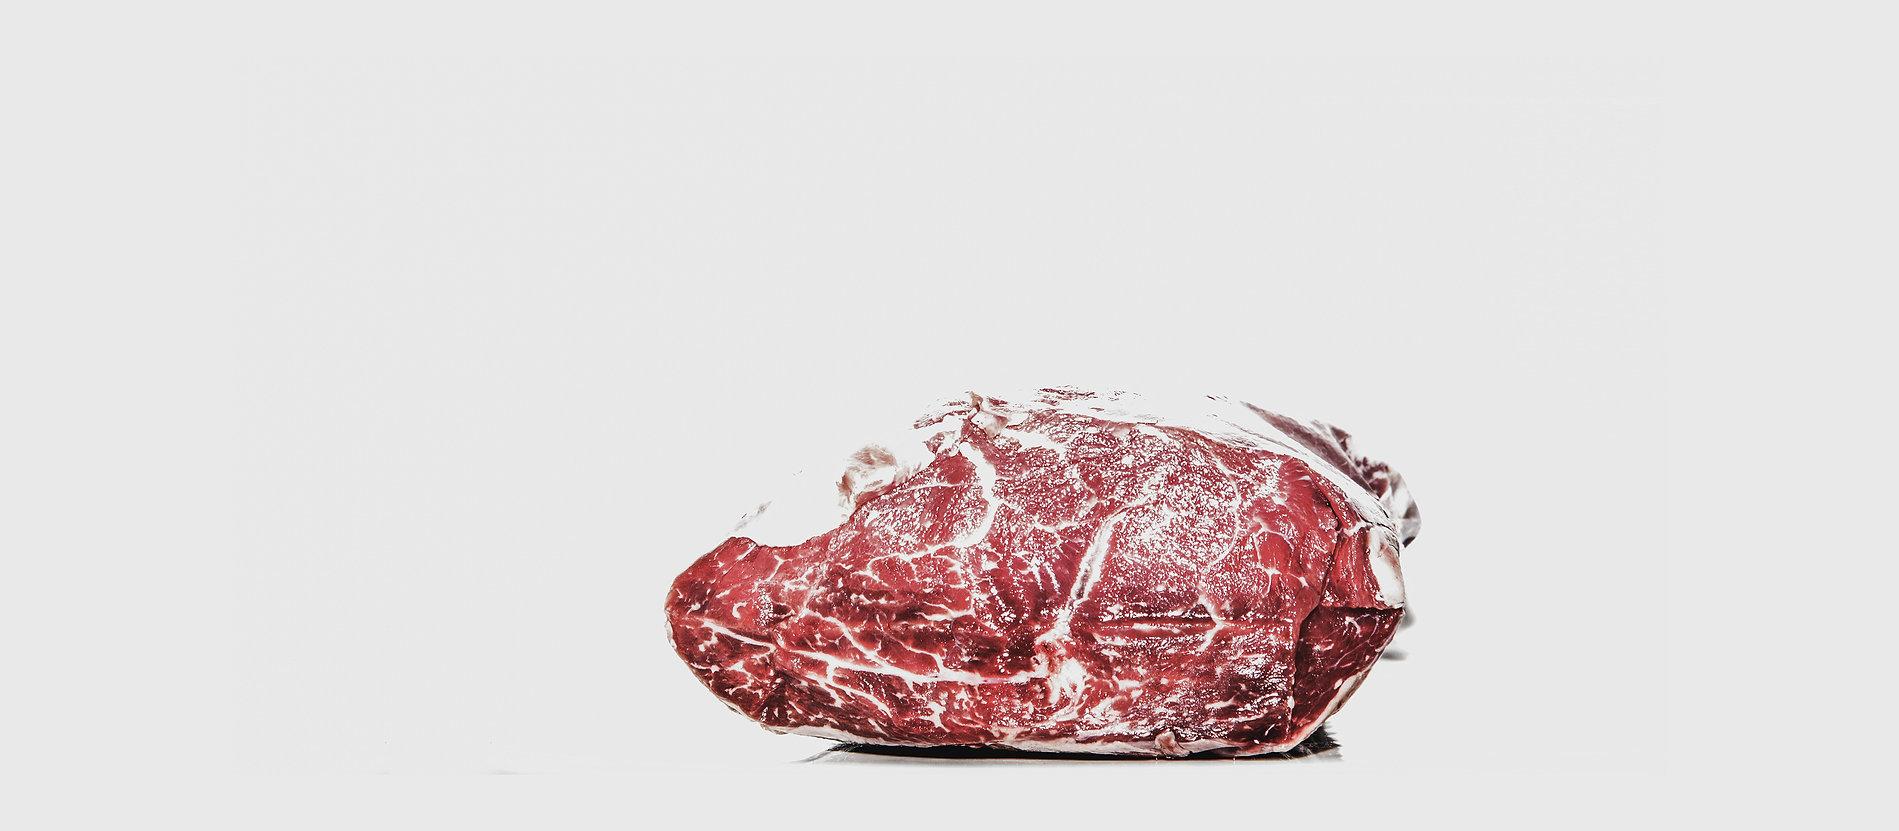 meat_xwide.jpg